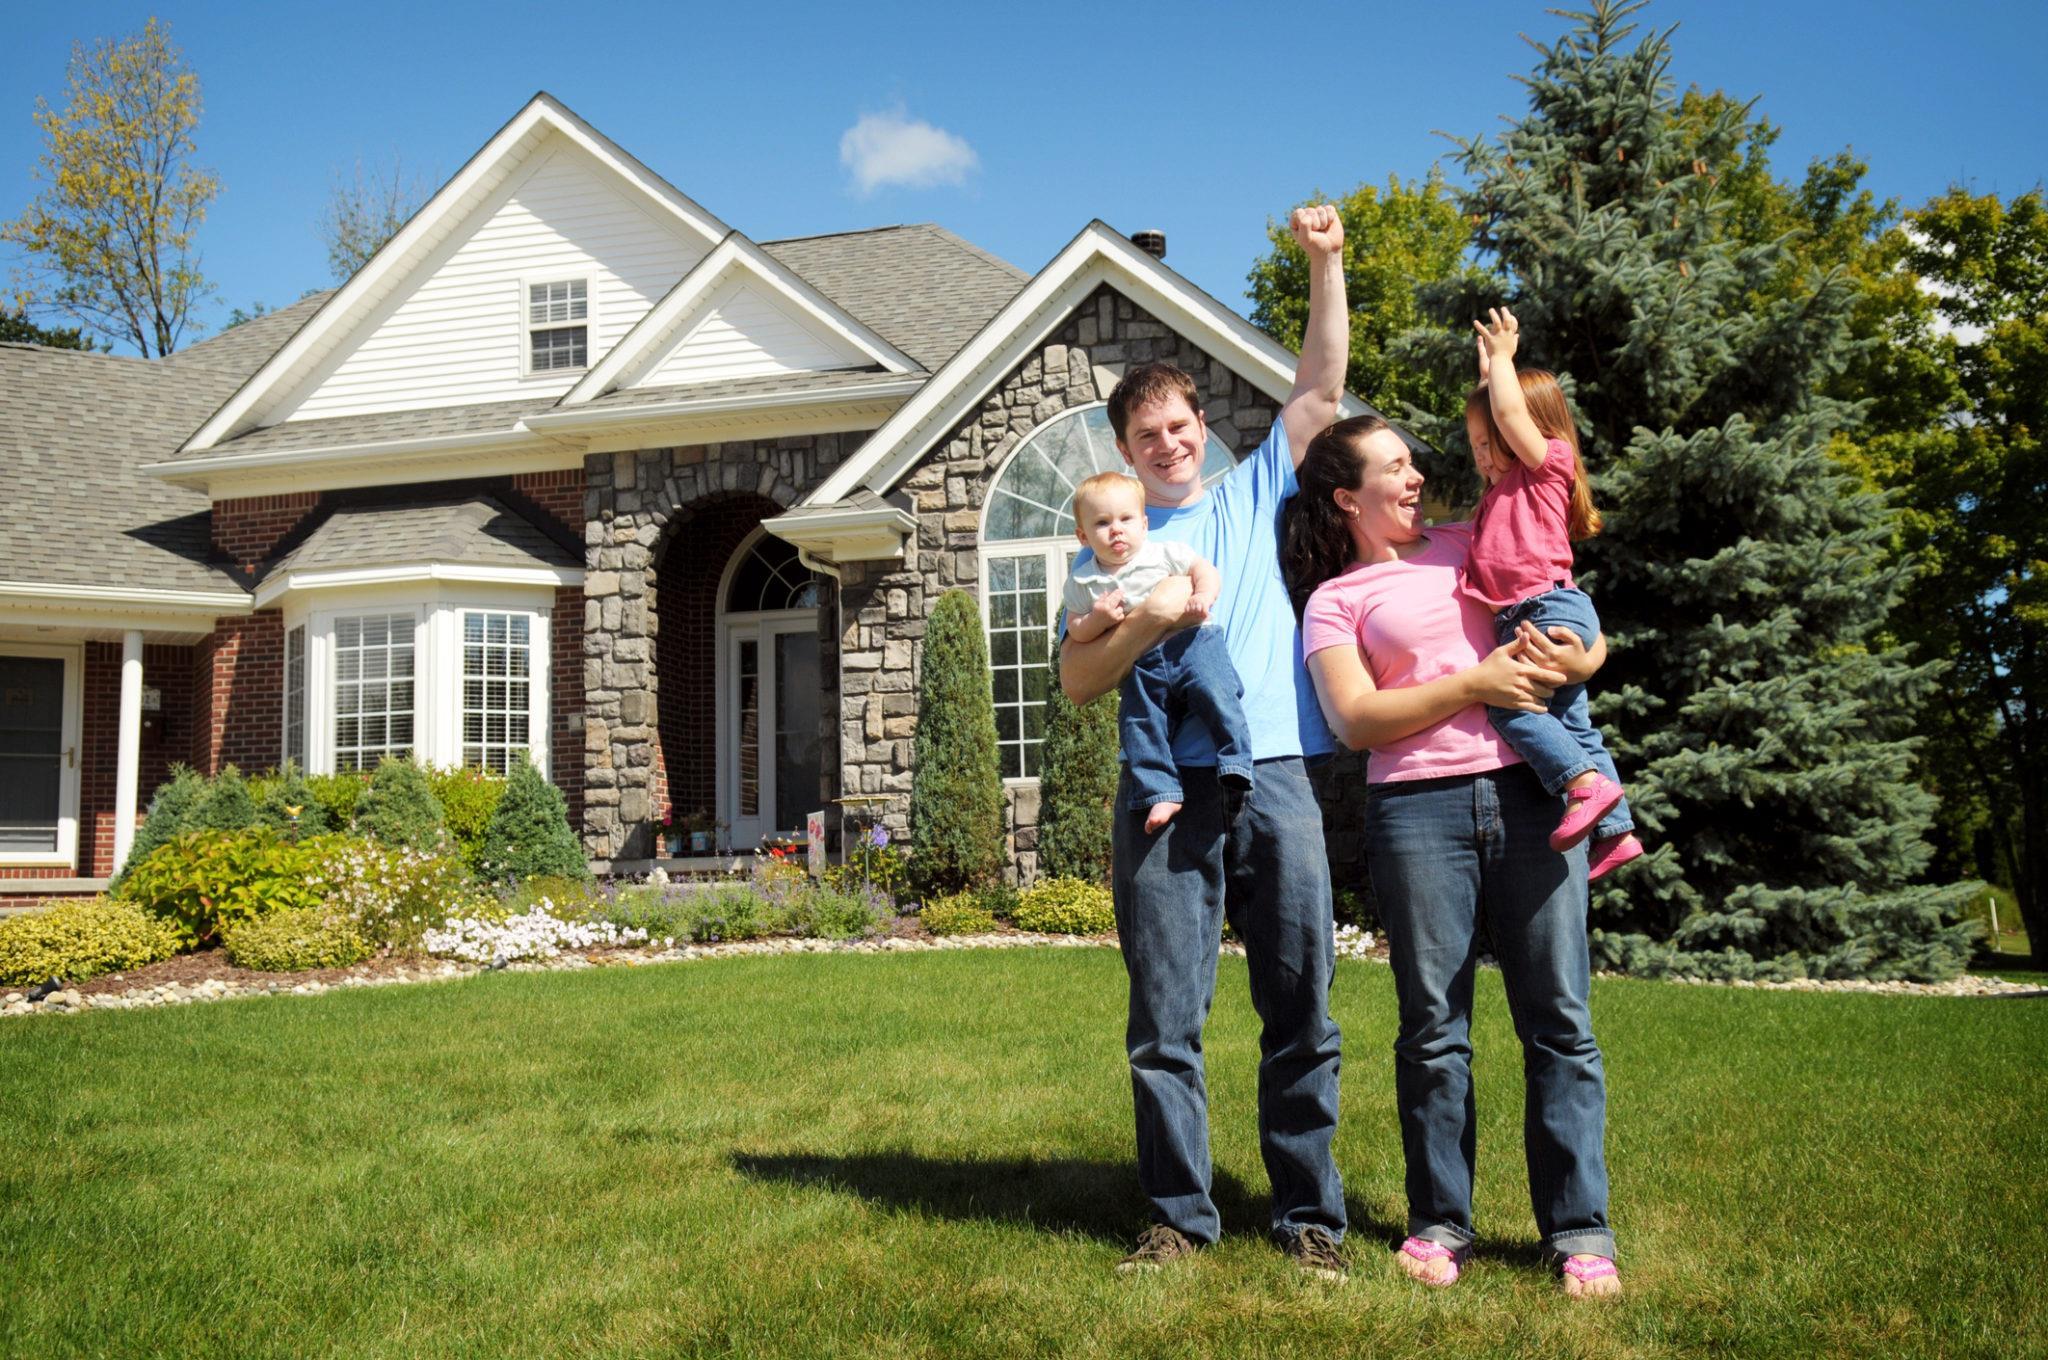 Как получить материнский капитал на строительство дома до 3 лет: 9 обязательных документов